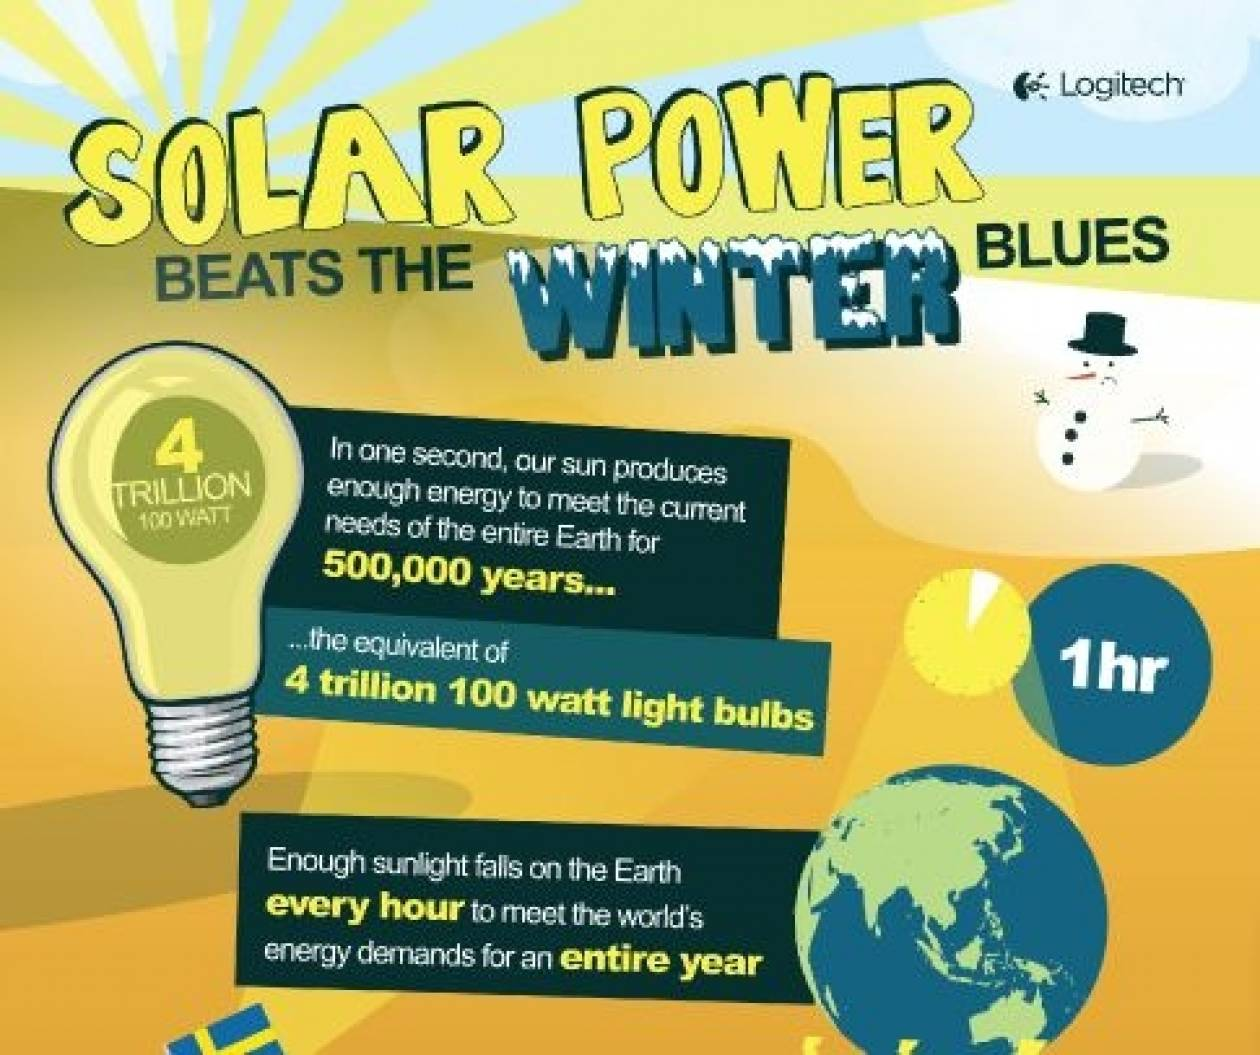 Ηλιακή ενέργεια: ό,τι καλύτερο  κόντρα στην χειμωνιάτικη θλίψη!